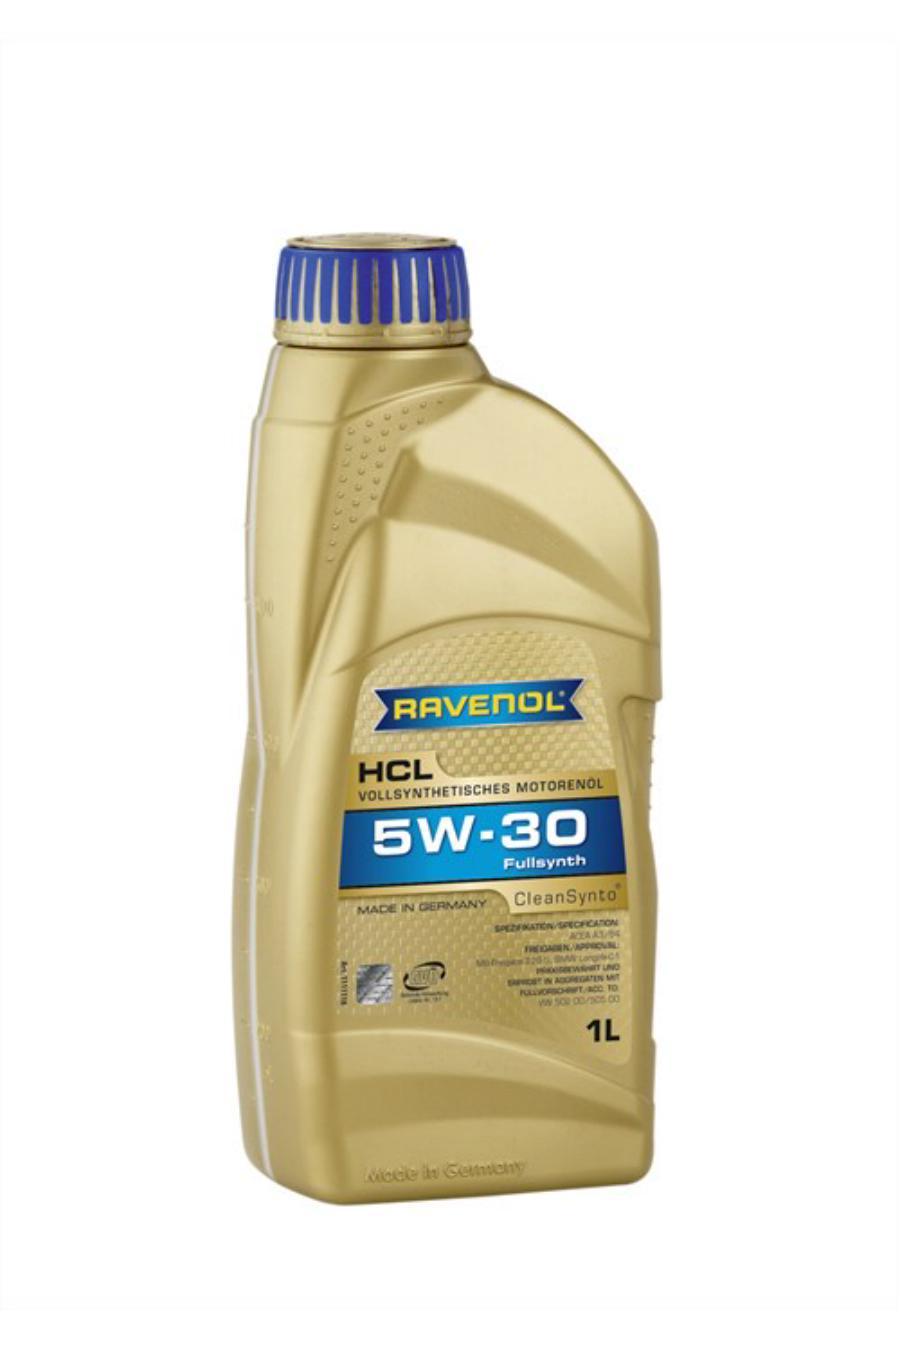 RAVENOL HCL 5W-30